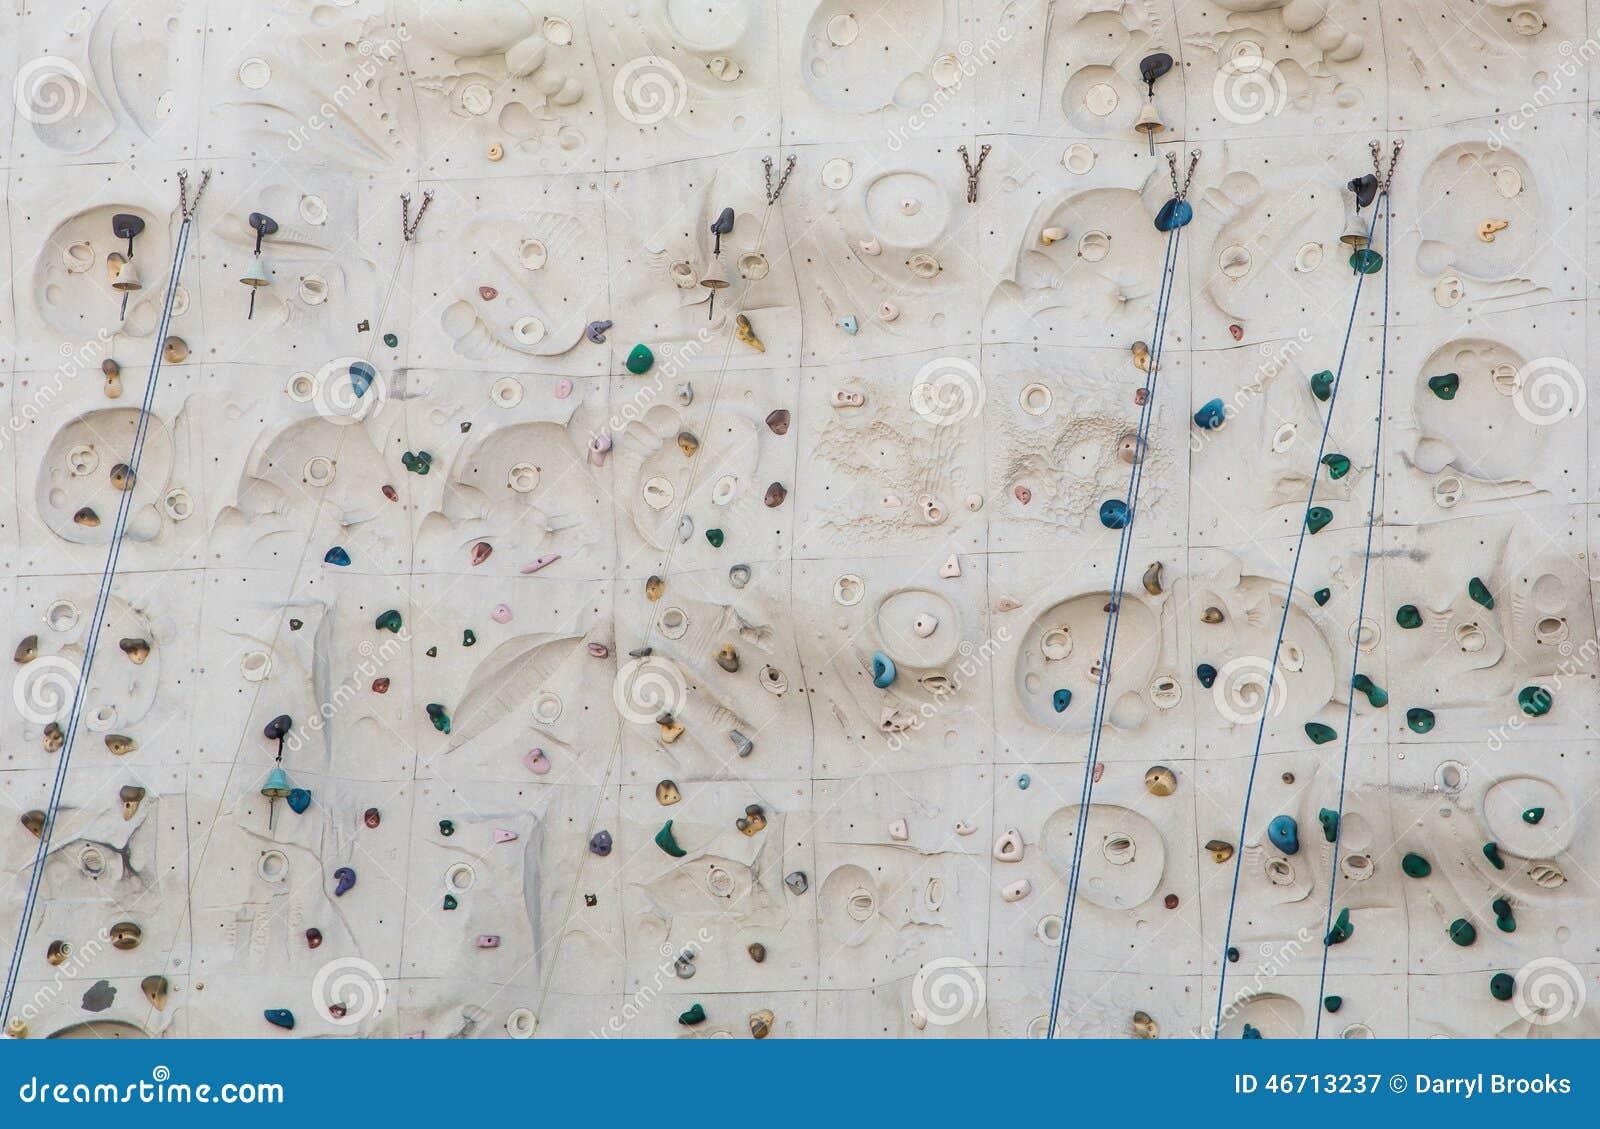 blaue bell-seile und -griffe auf kletterwand stockbild - bild von